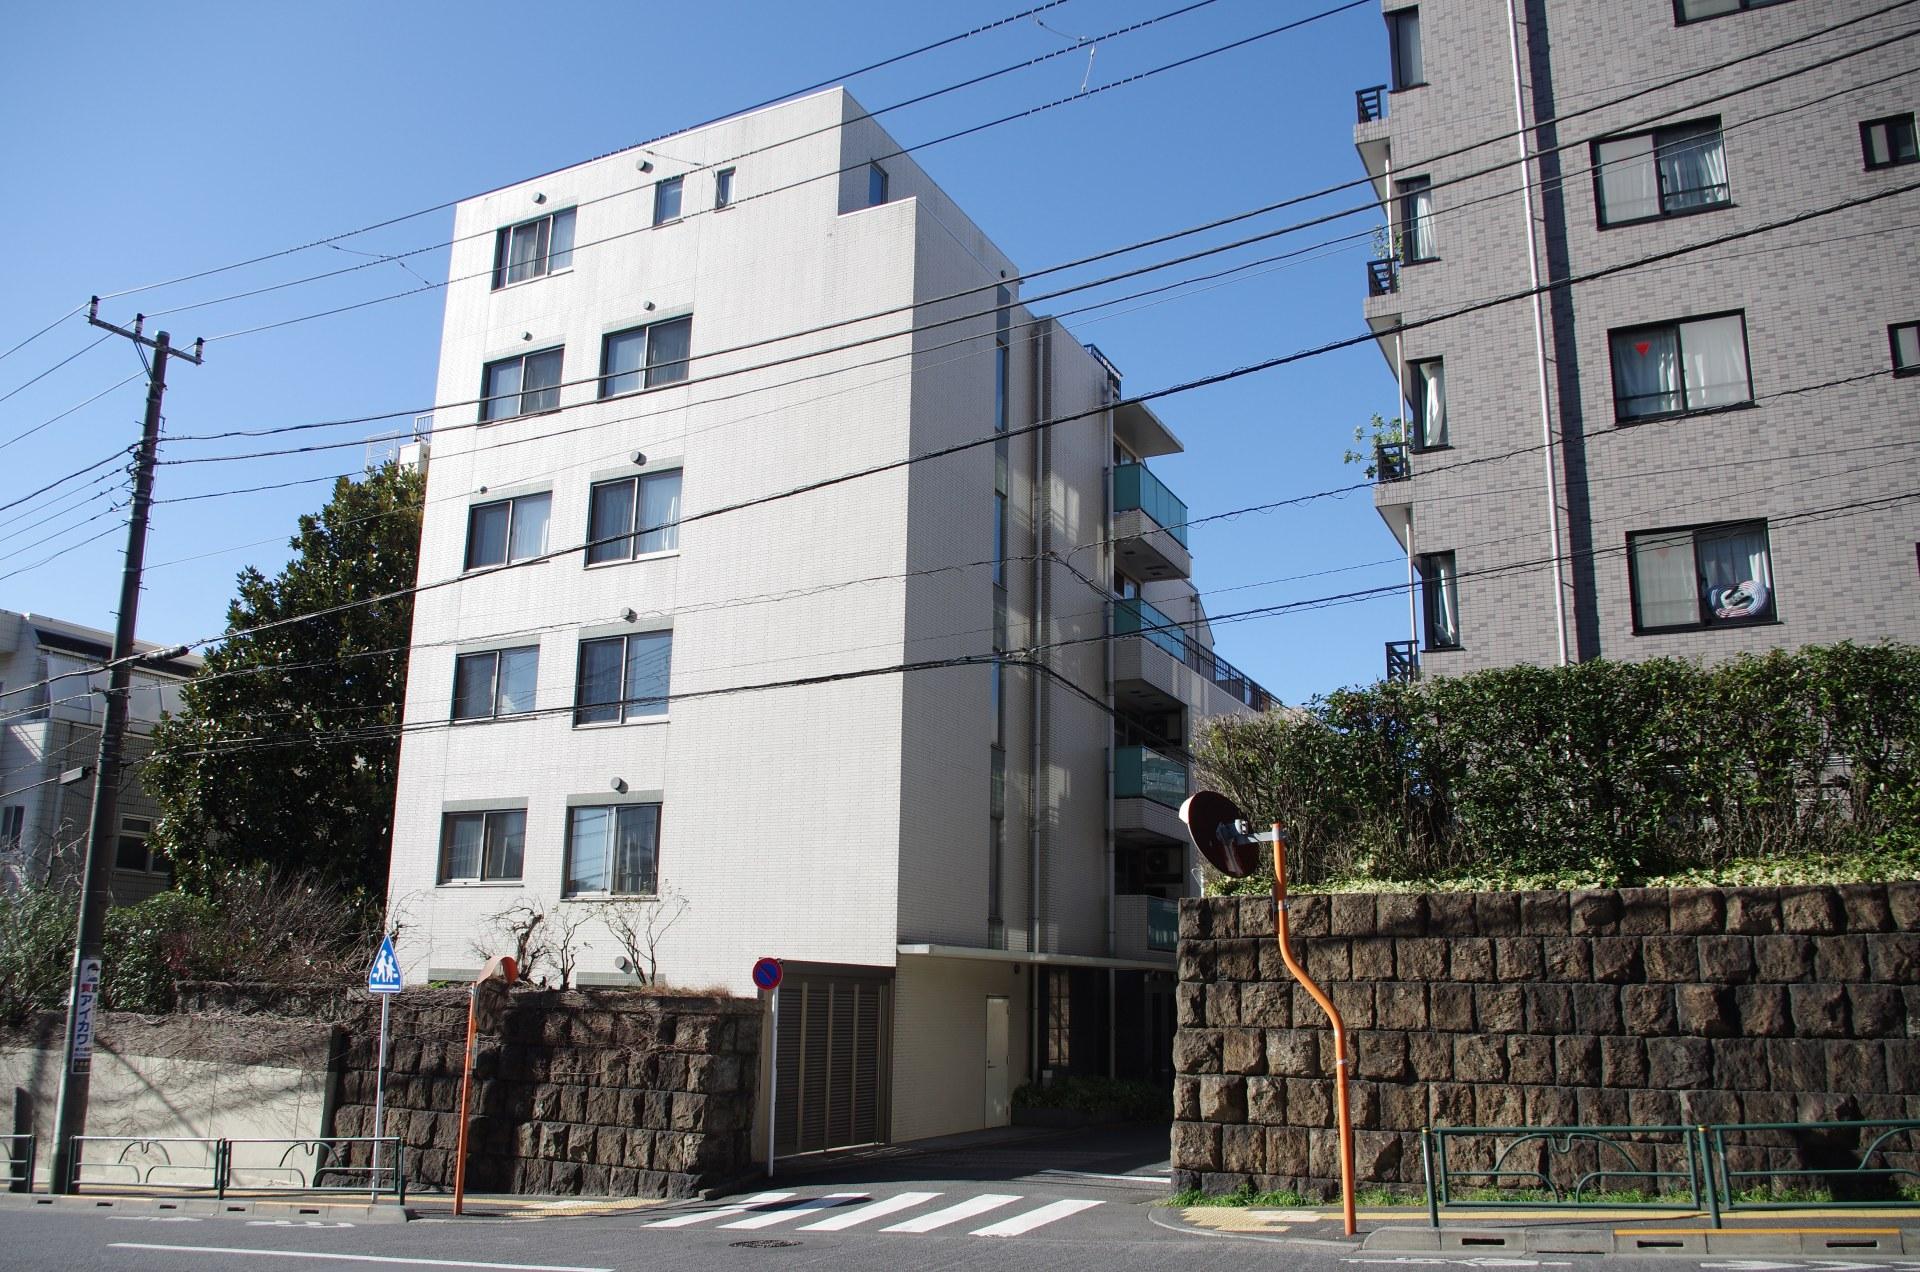 鈴木貫太郎邸跡